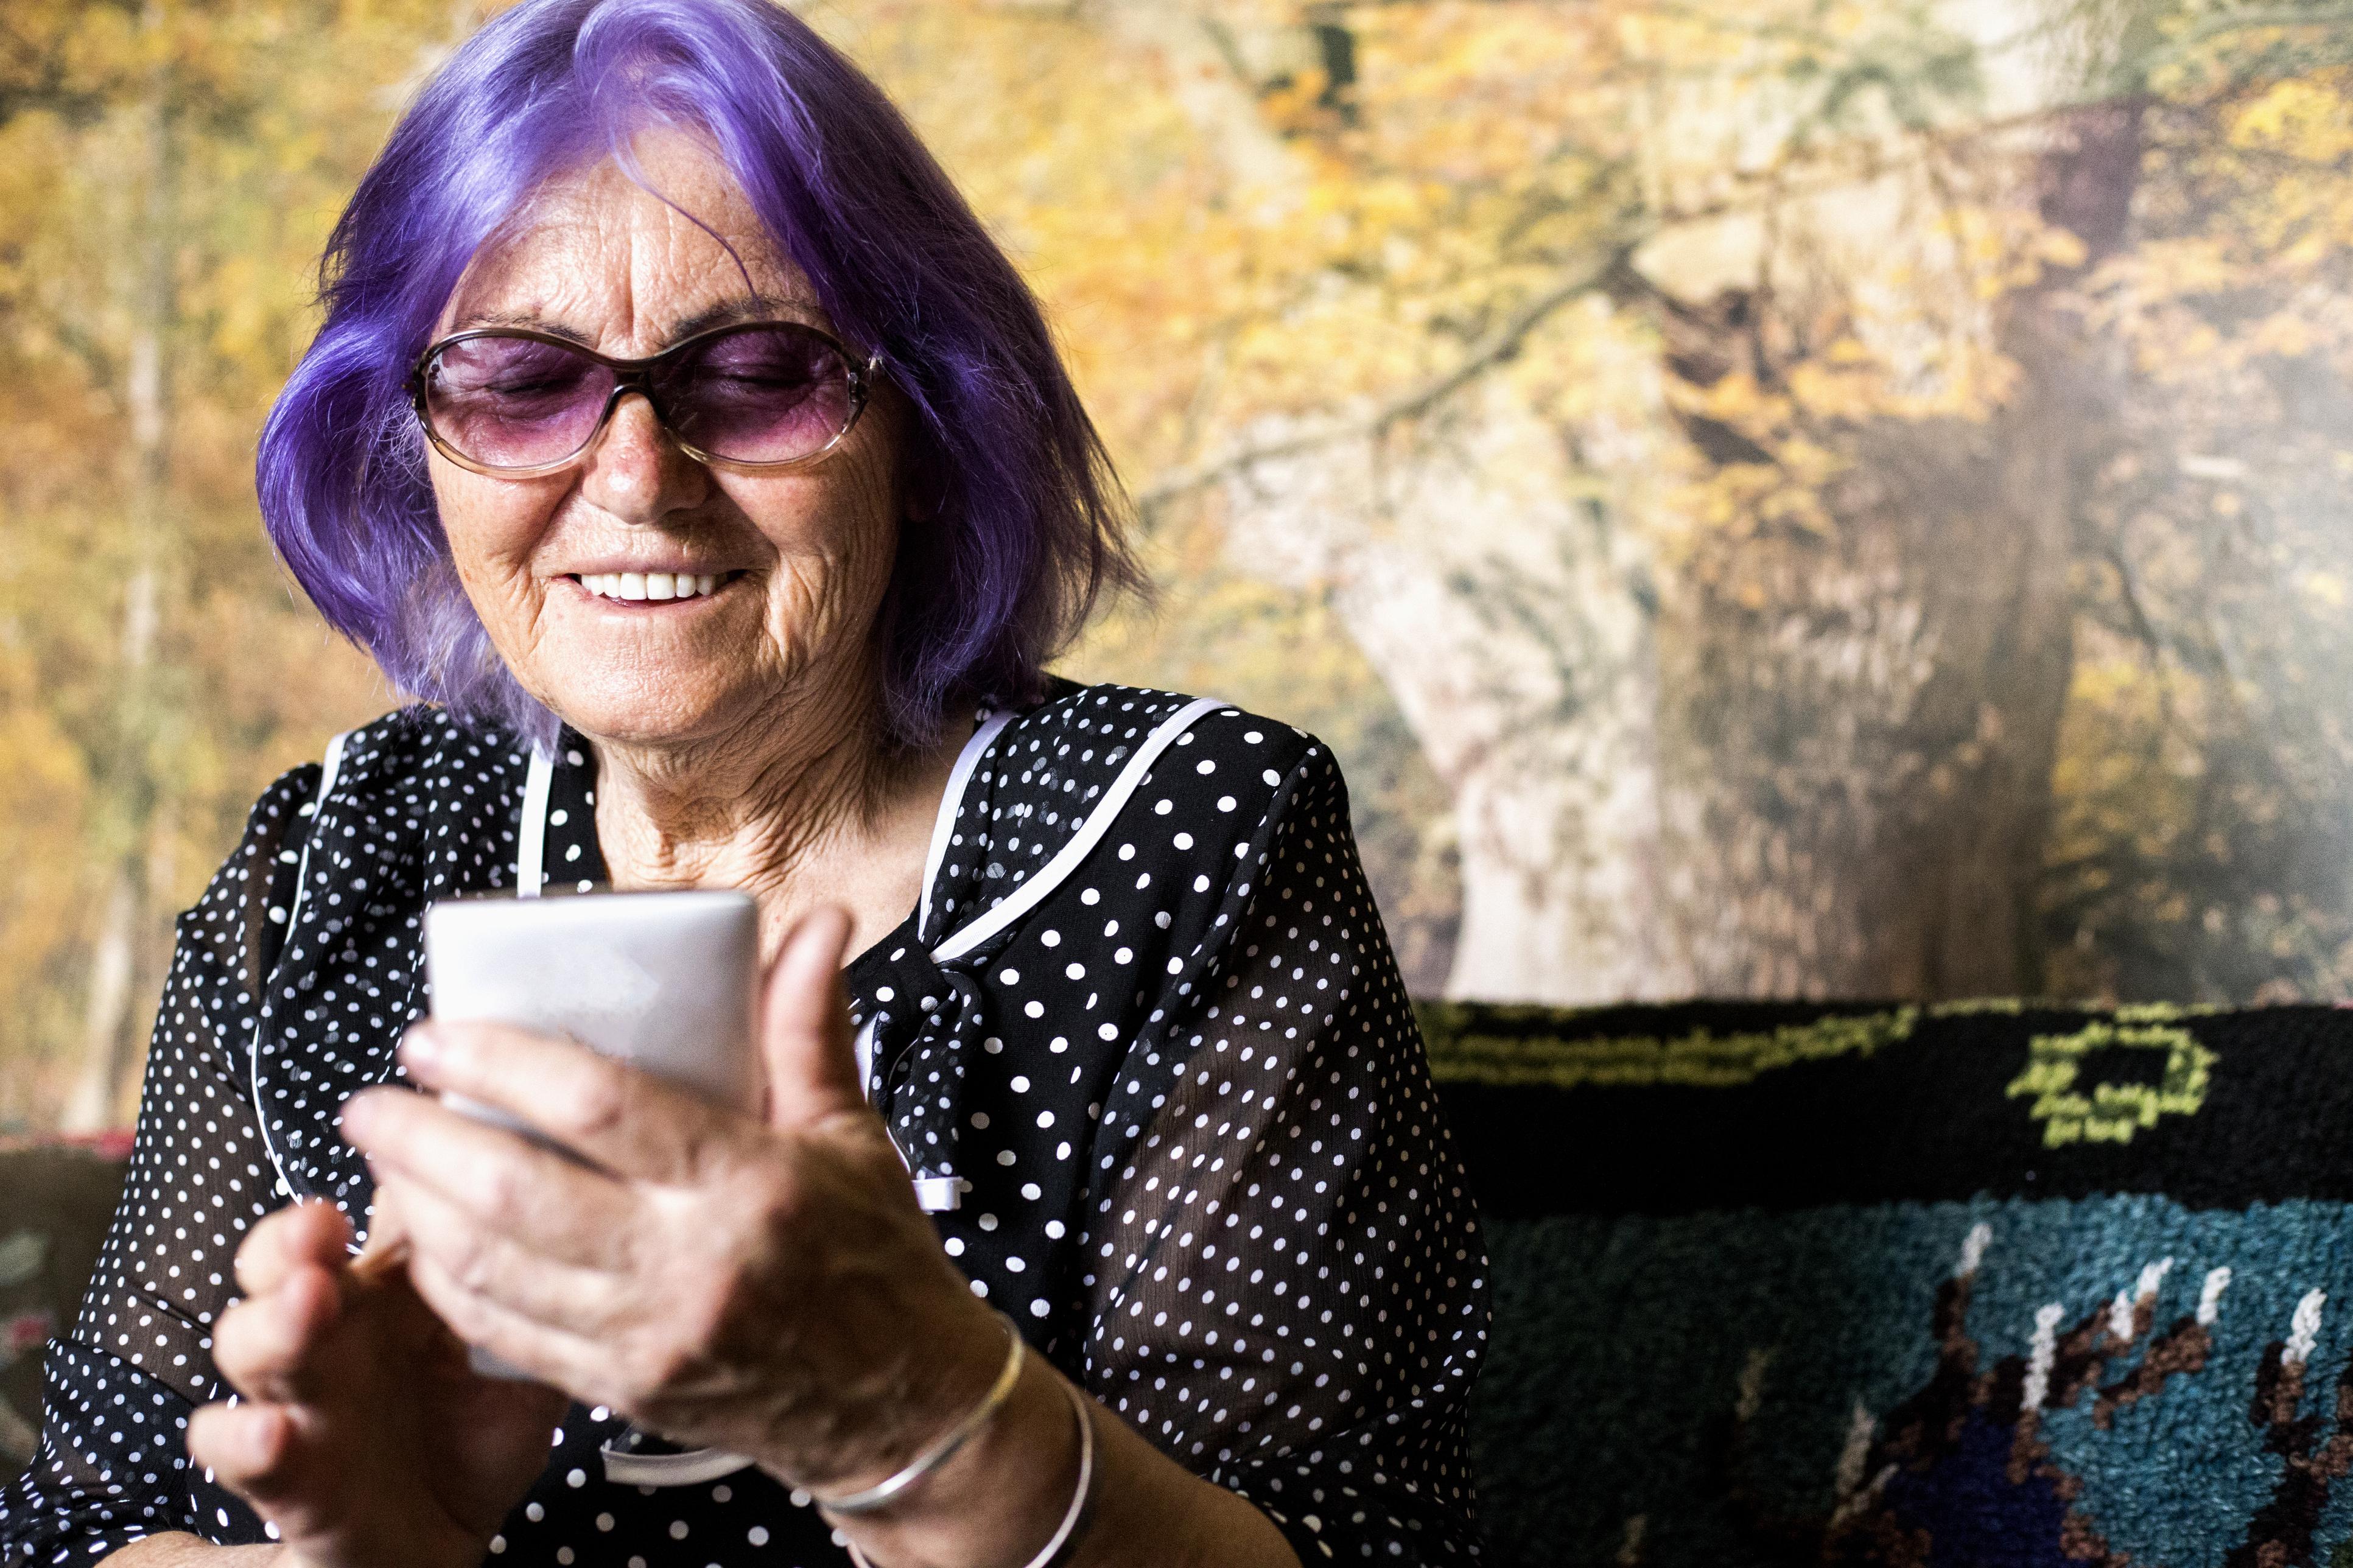 Eldre dame med violett hår smarttelefon i hånden.